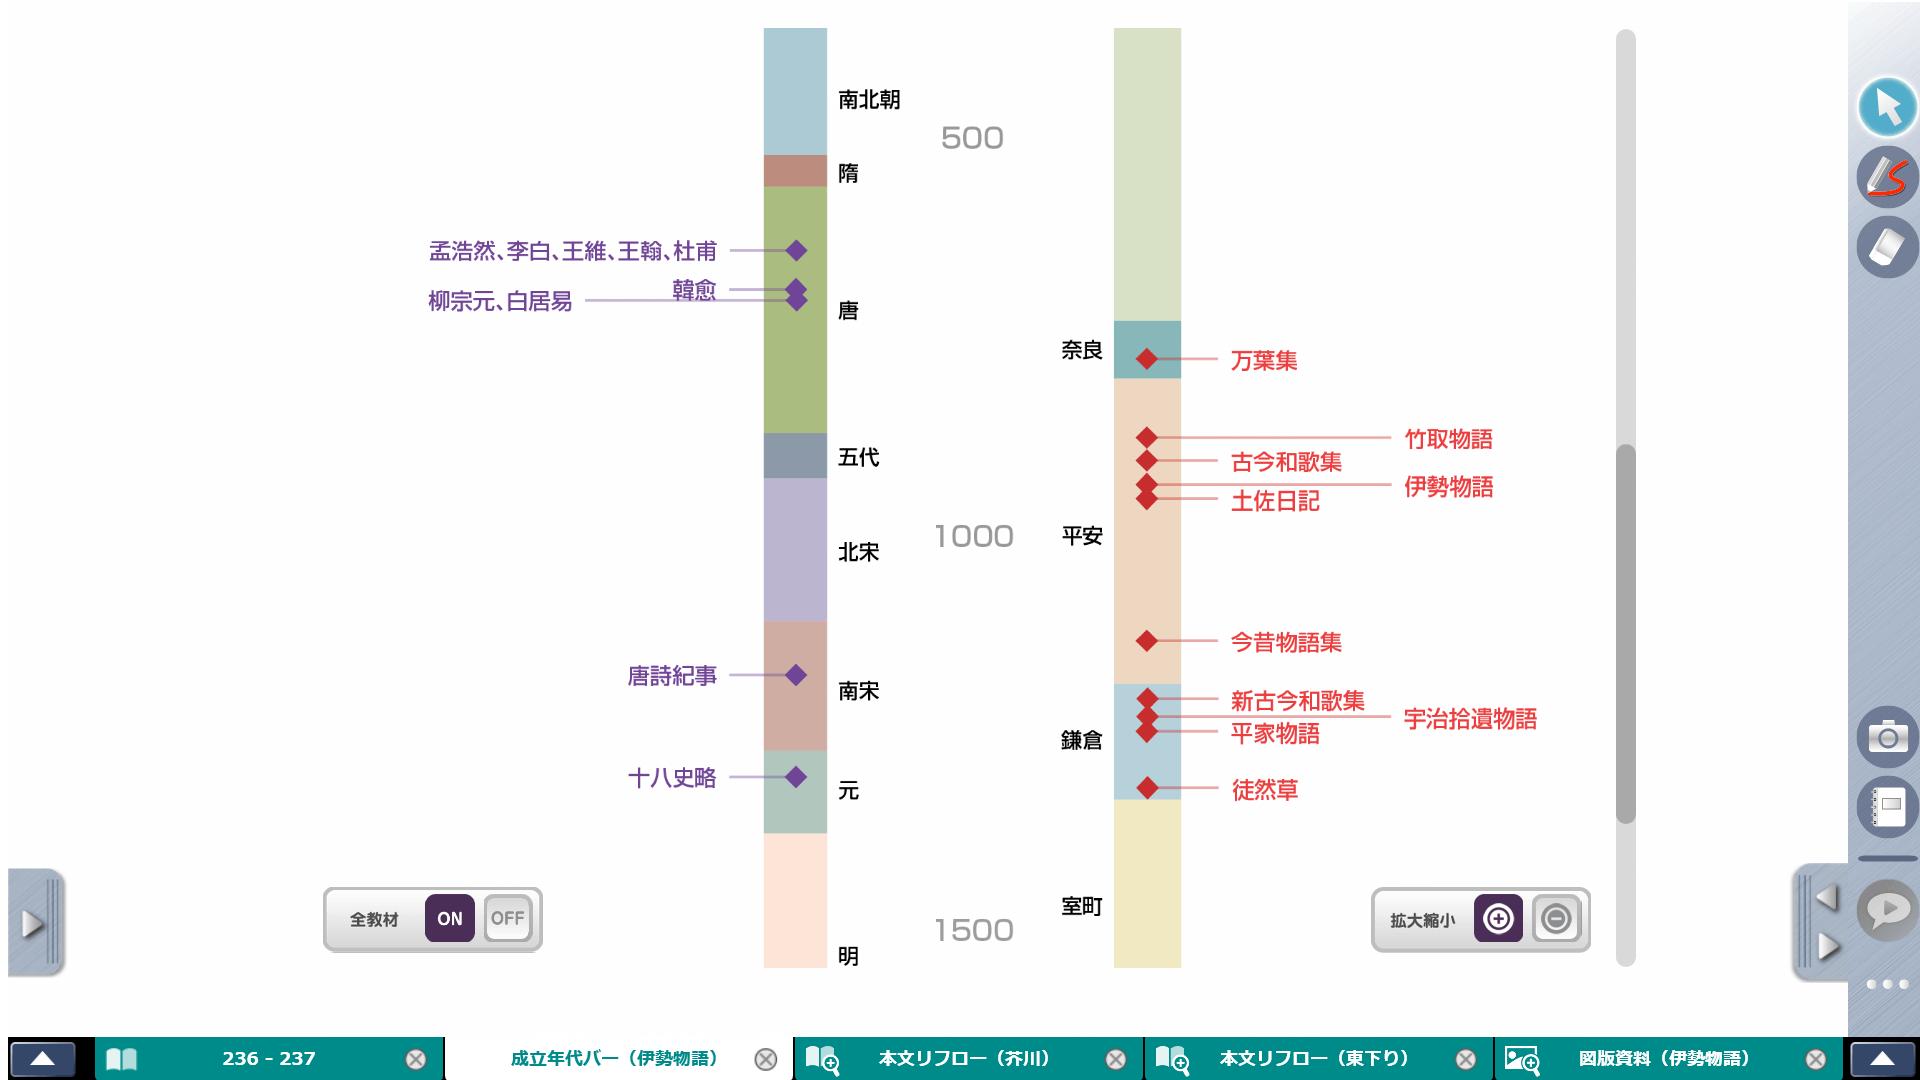 成立年代バー【古文,漢文のみ】